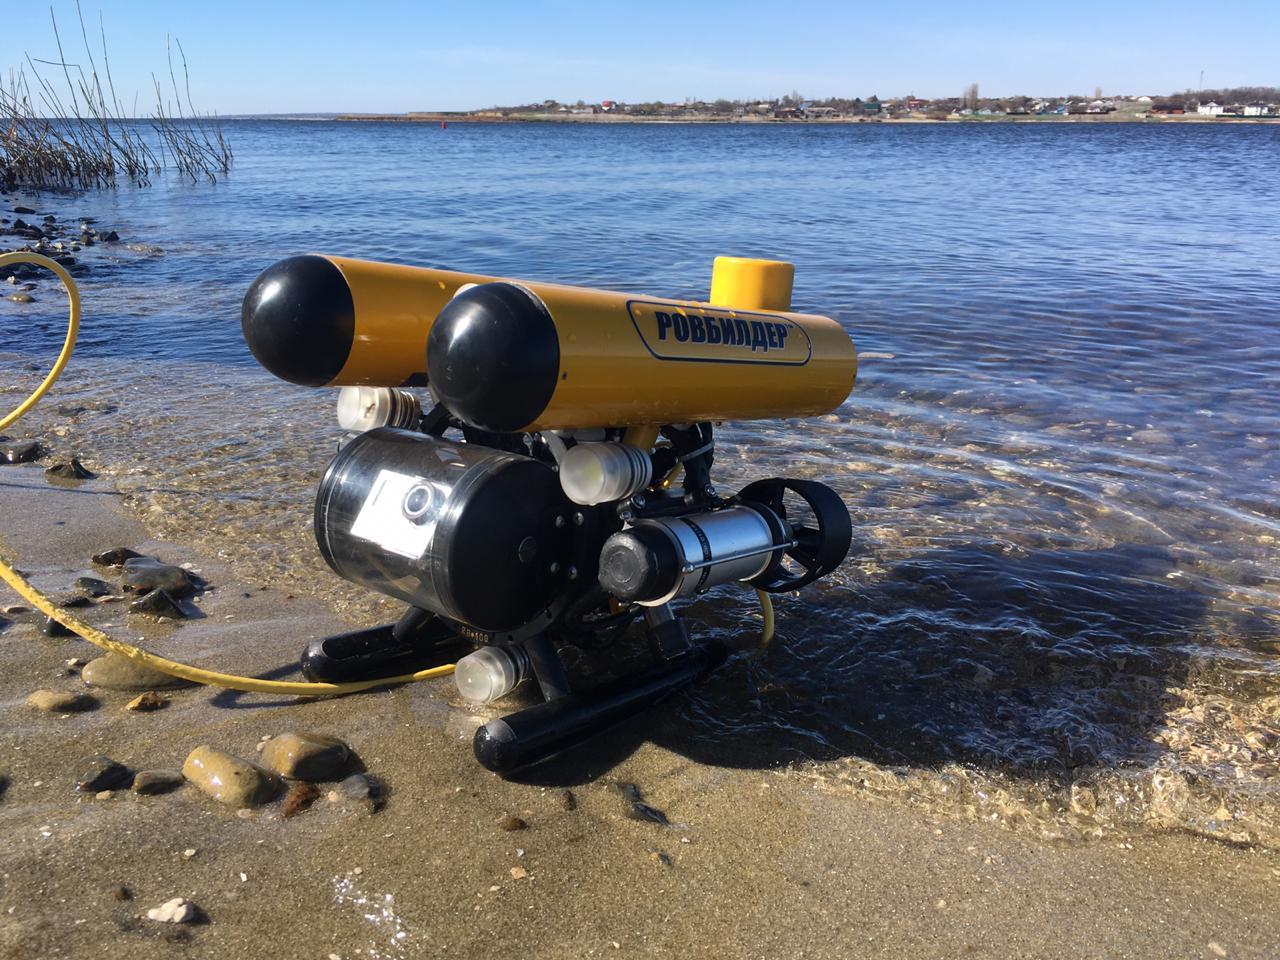 Подводный GPS на подводном роботе: опыт использования - 1